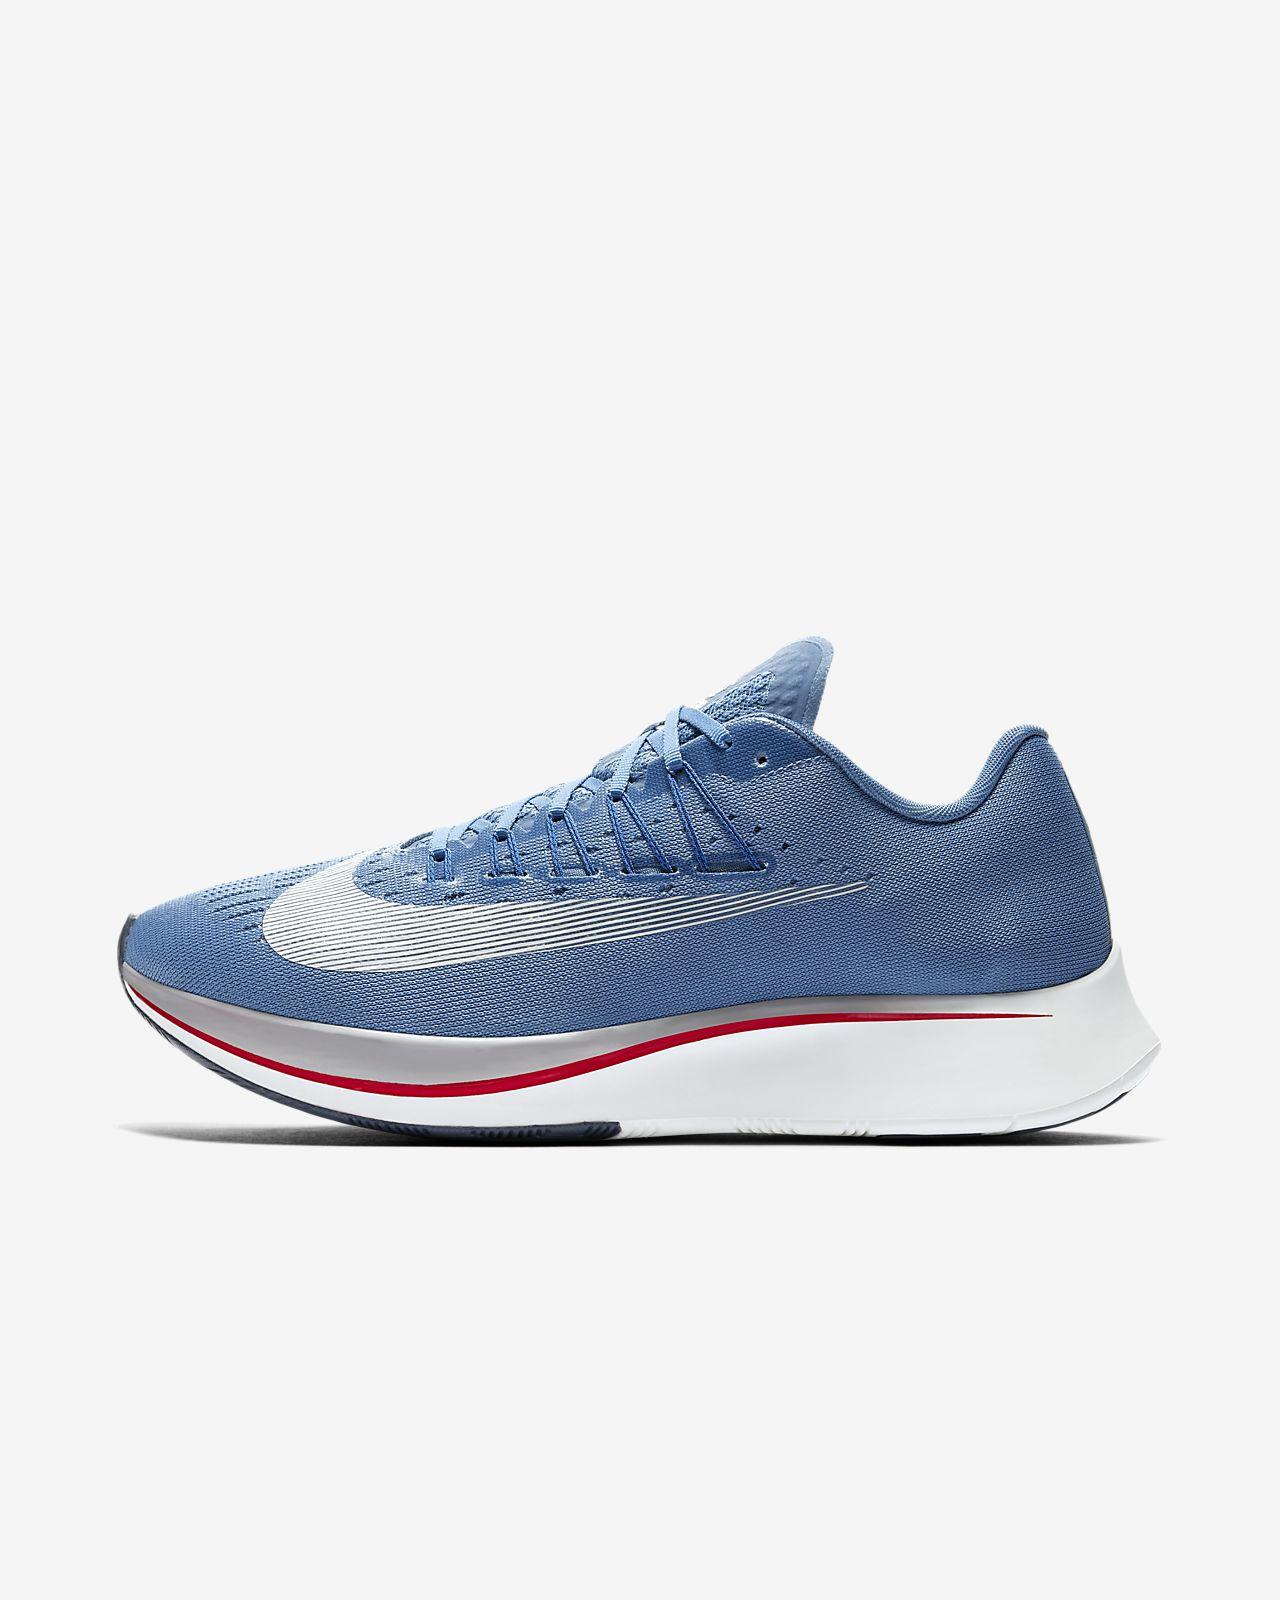 ... Nike Zoom Fly Herren-Laufschuh